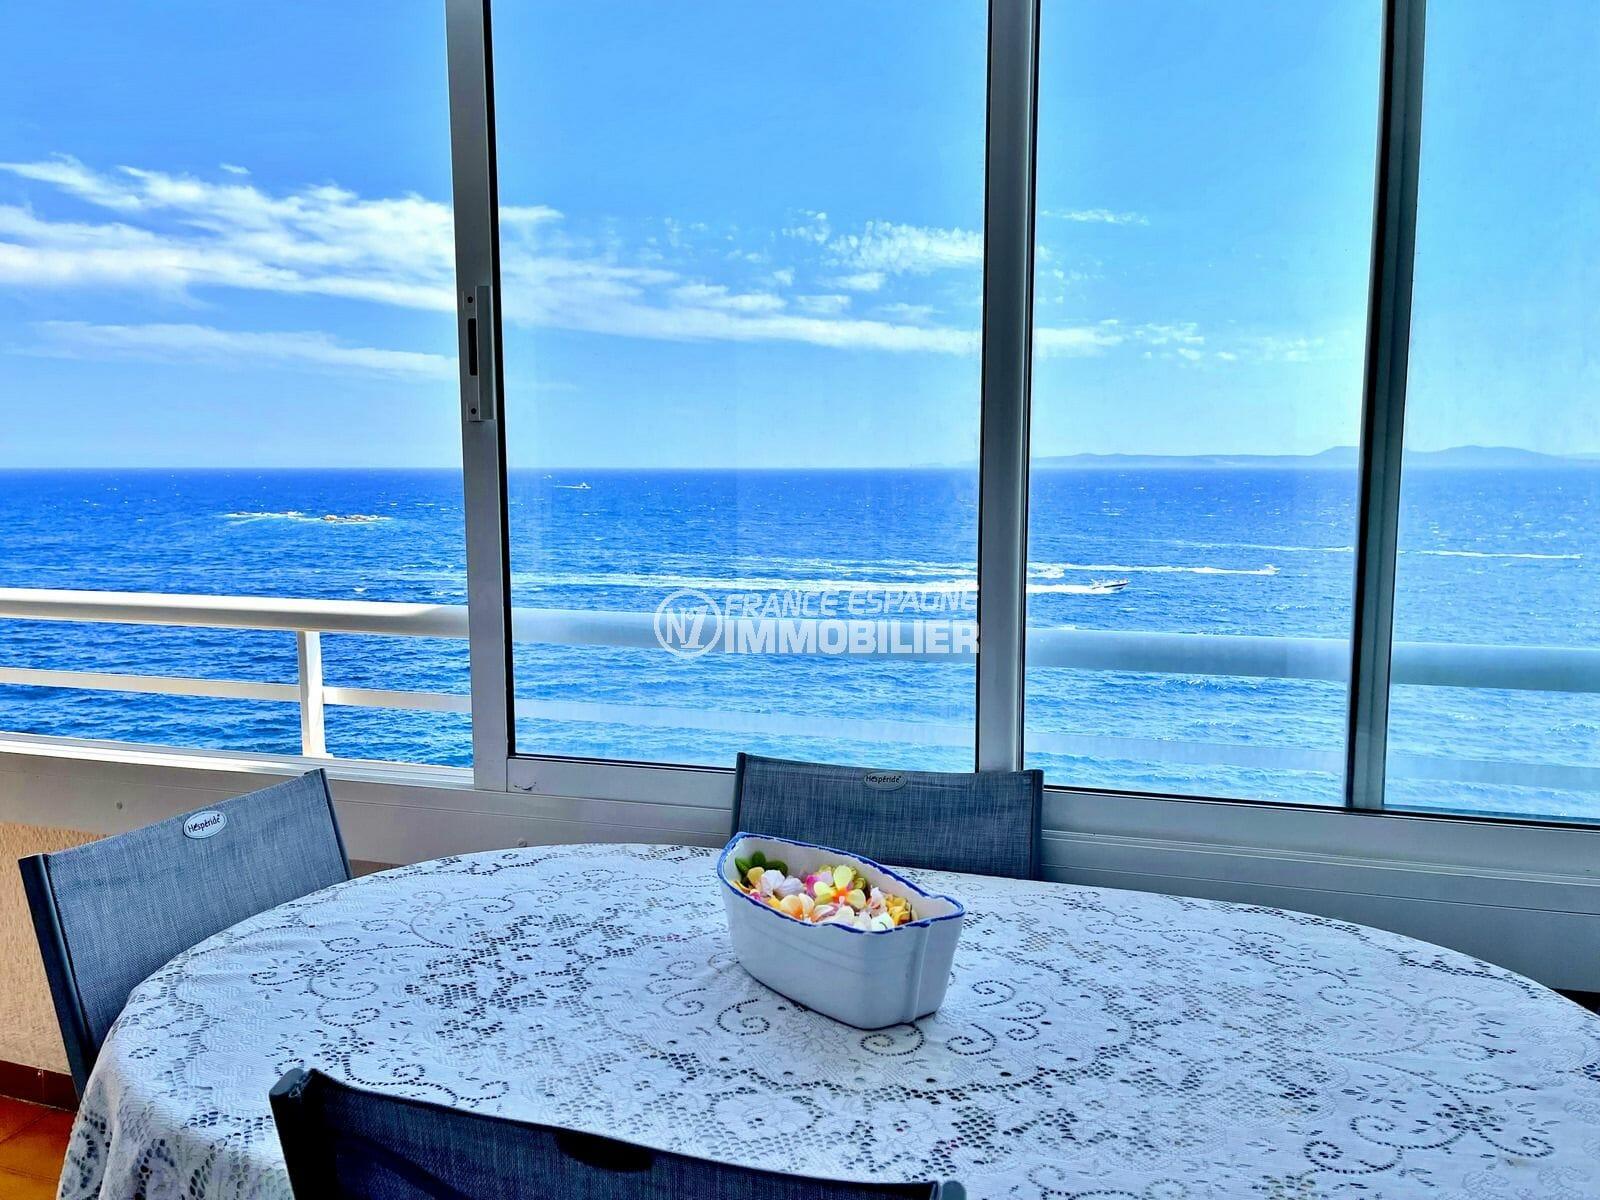 appartement a vendre rosas, 3 pièces 60 m² atico superbe vue mer